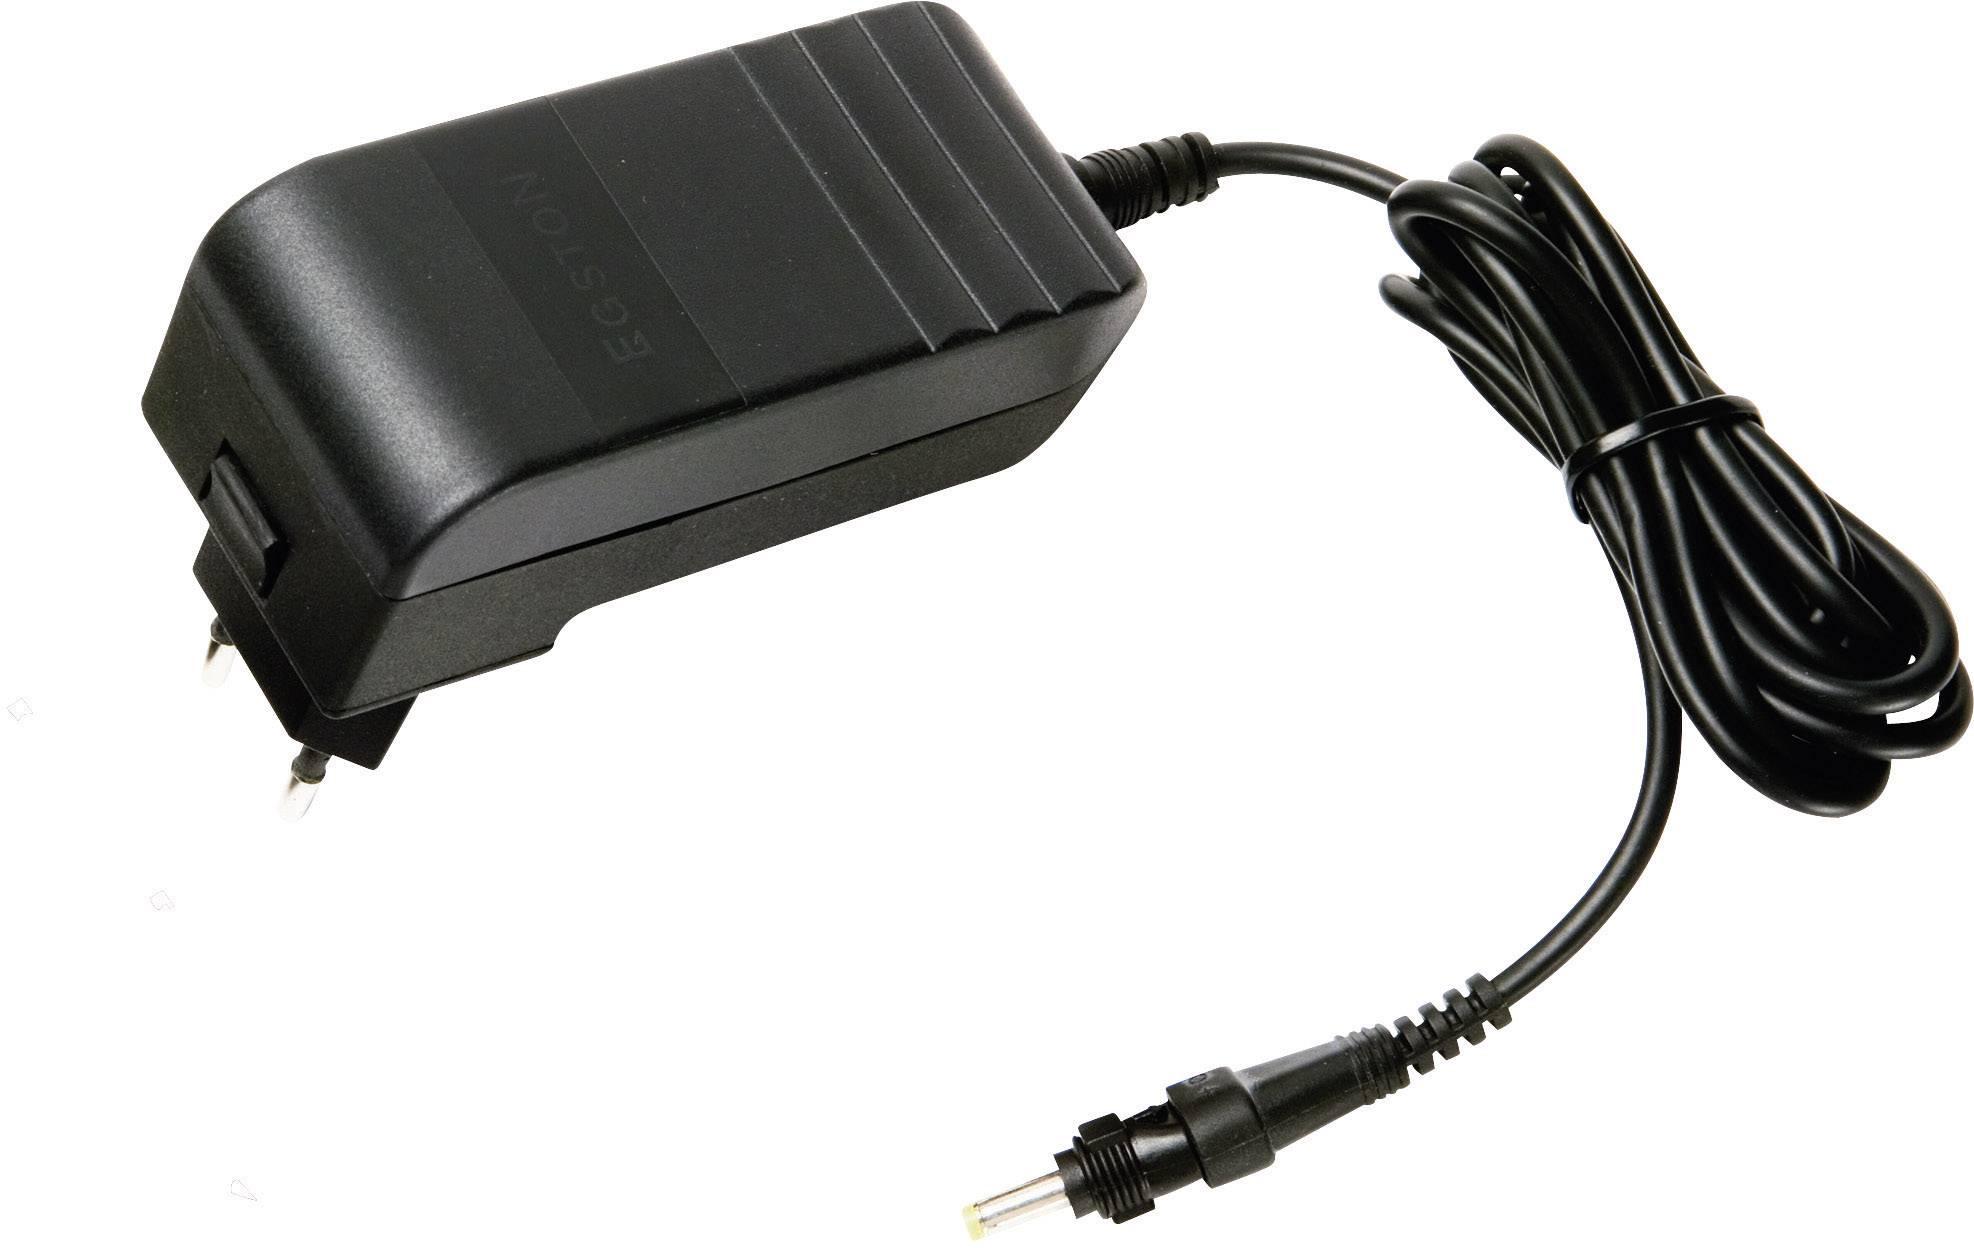 Zásuvkový adaptér so stálym napätím Egston 003920222, 12 W, 670 mA